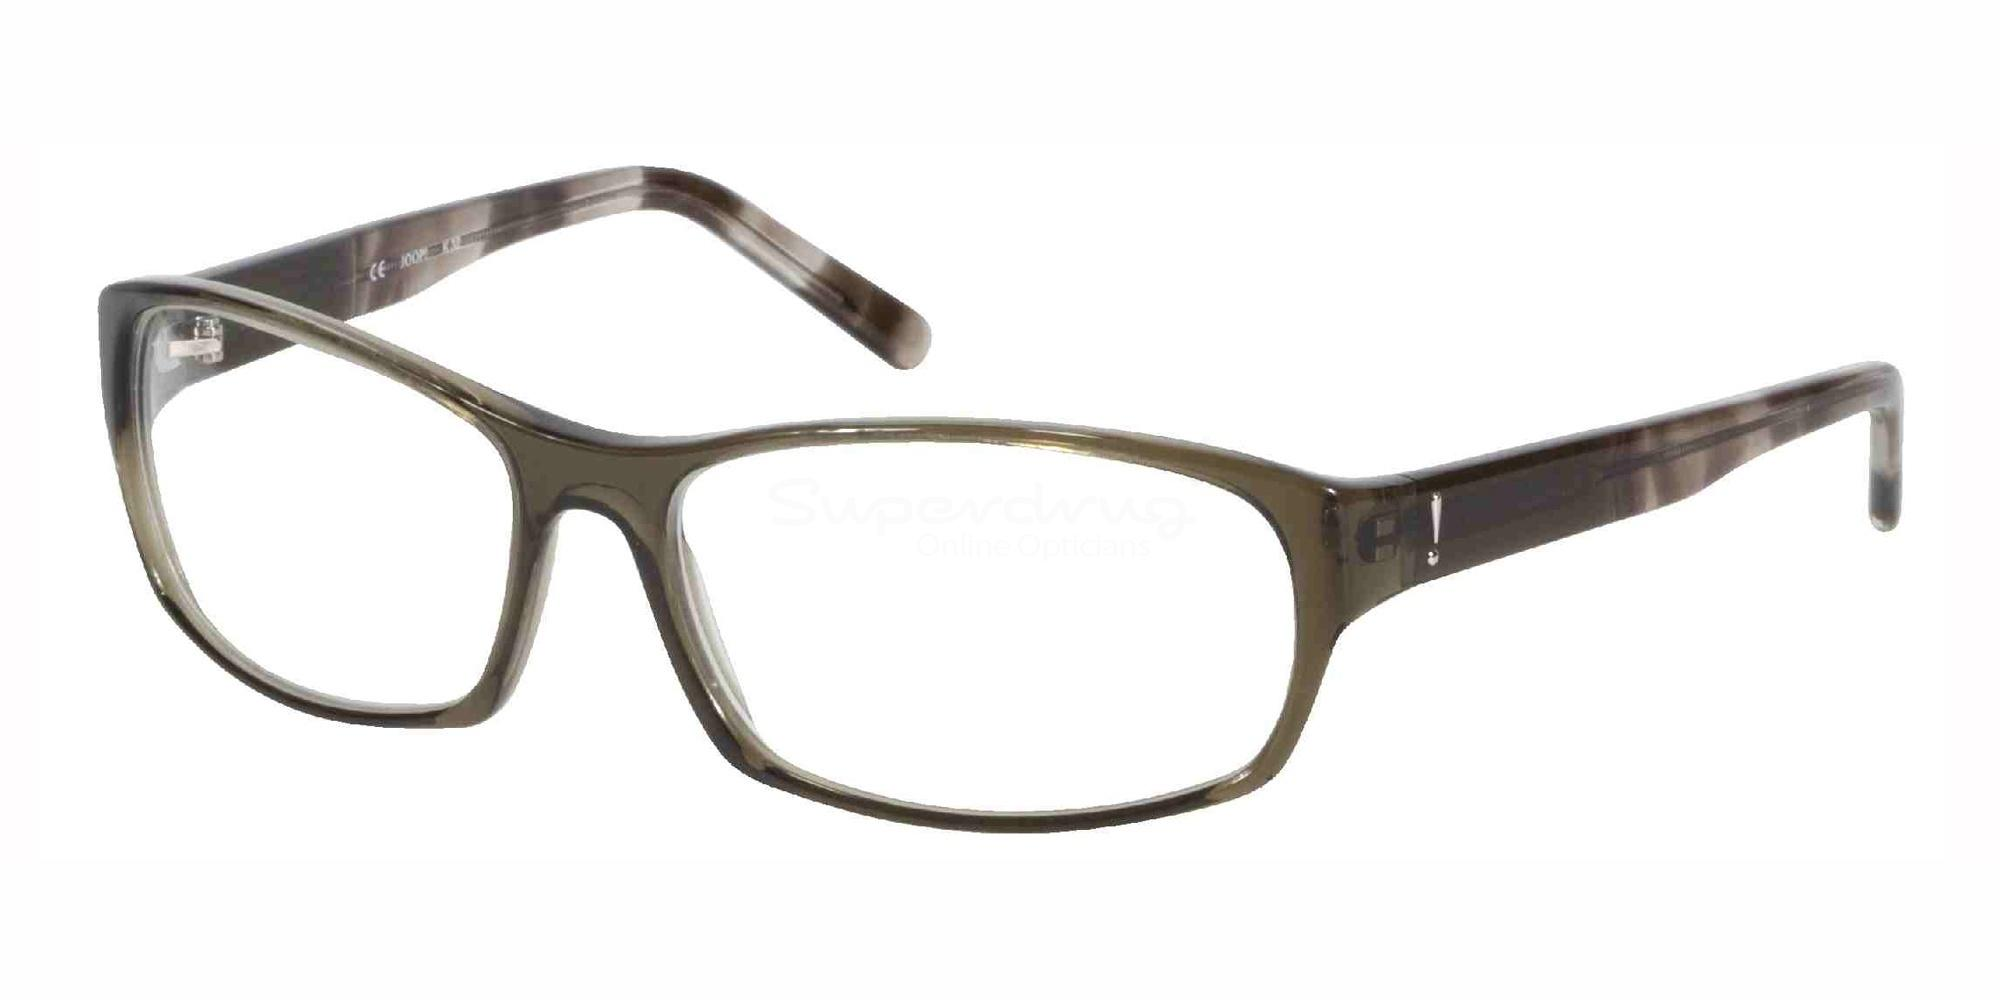 6286 81047 Glasses, JOOP Eyewear